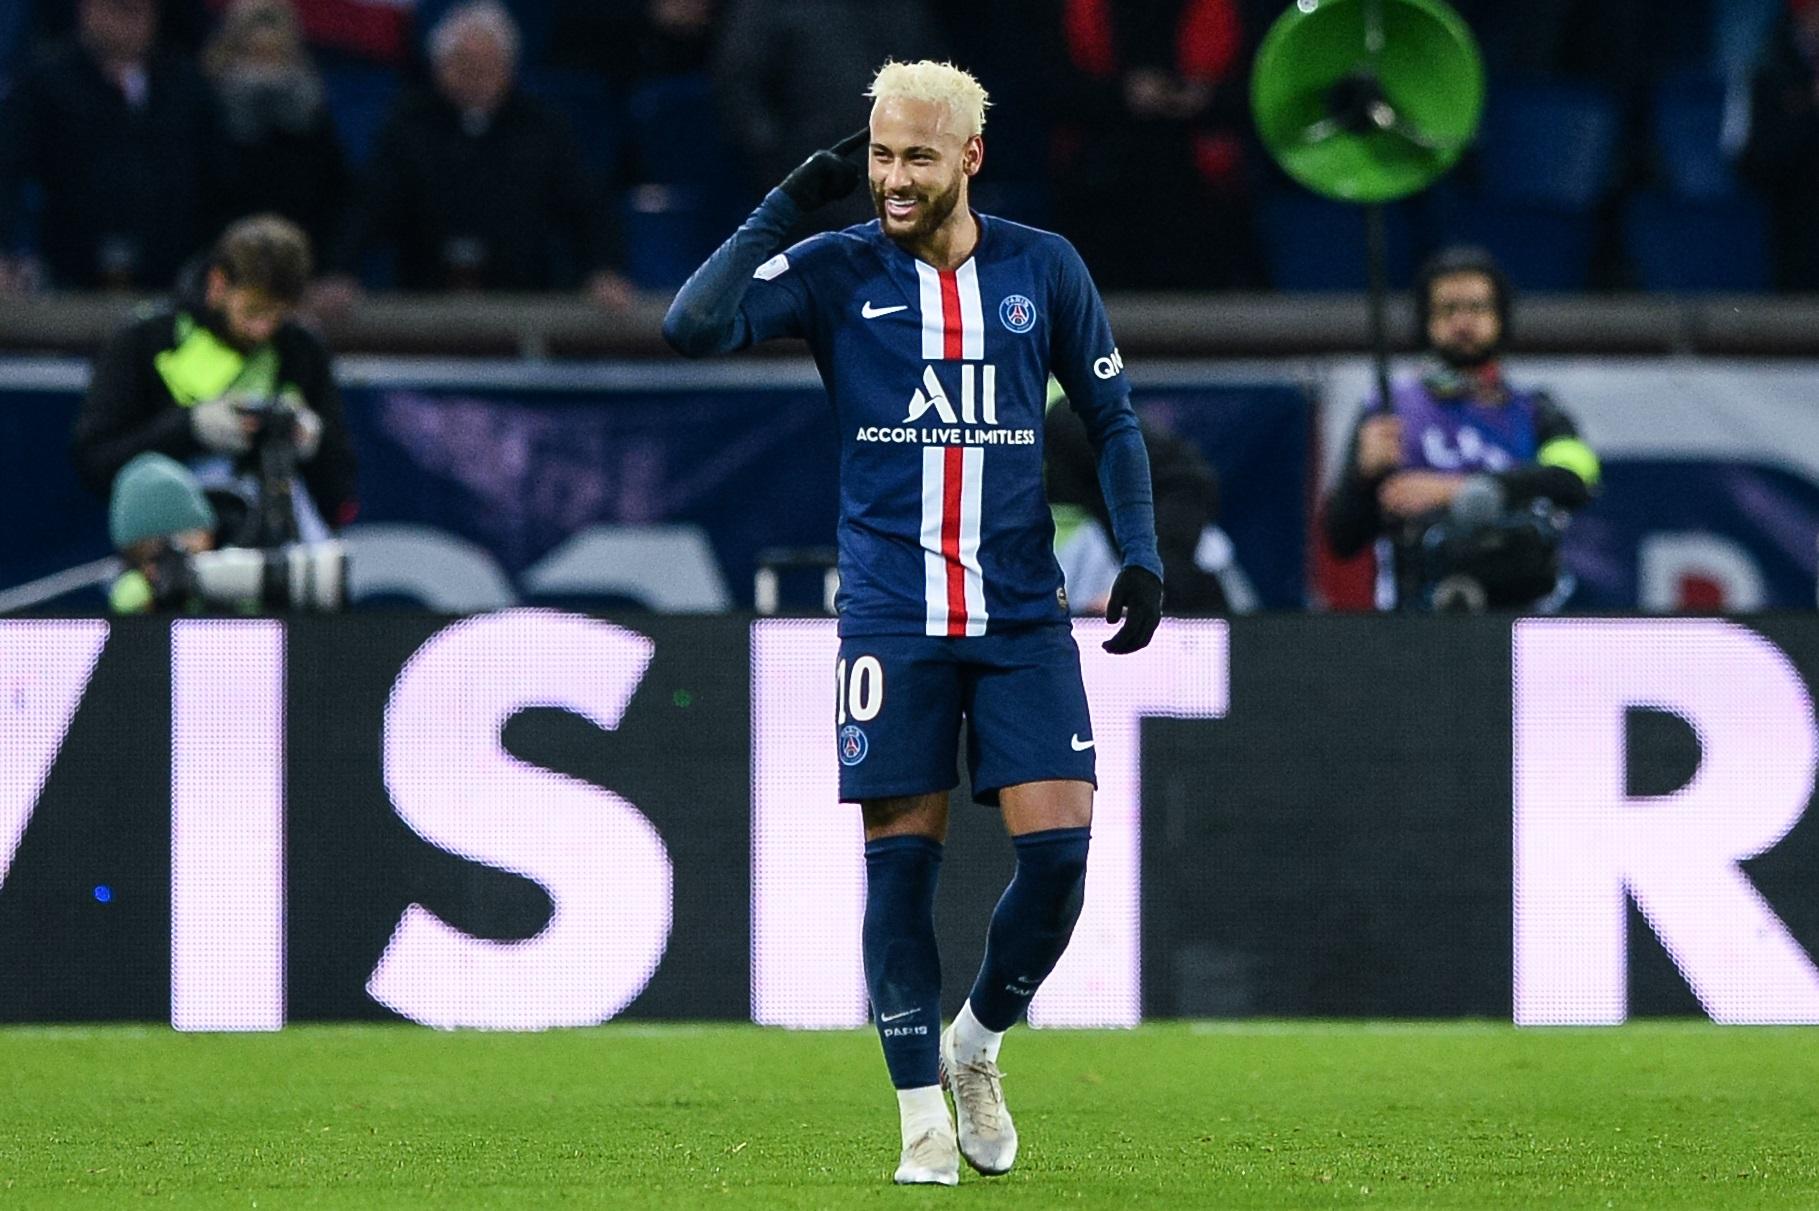 Le plus beau but du PSG cette saison, matchs 28 à 30 : Neymar s'impose contre Mbappé